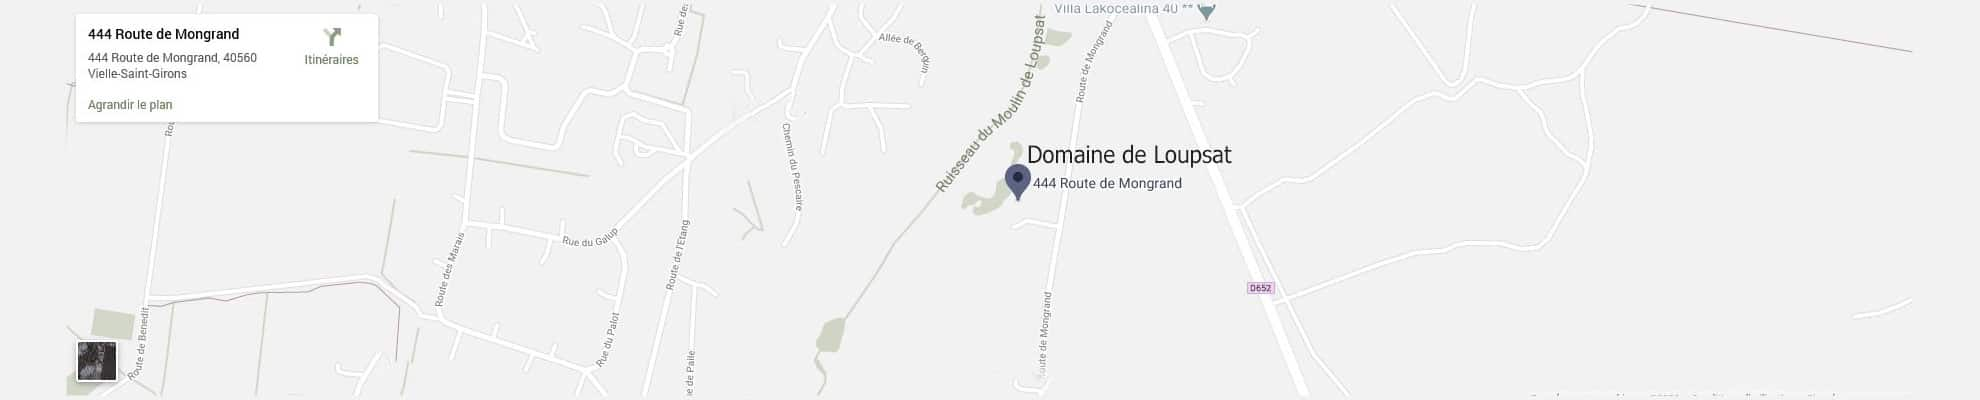 Domaine de Loupsat - Gite avec piscine dans les Landes